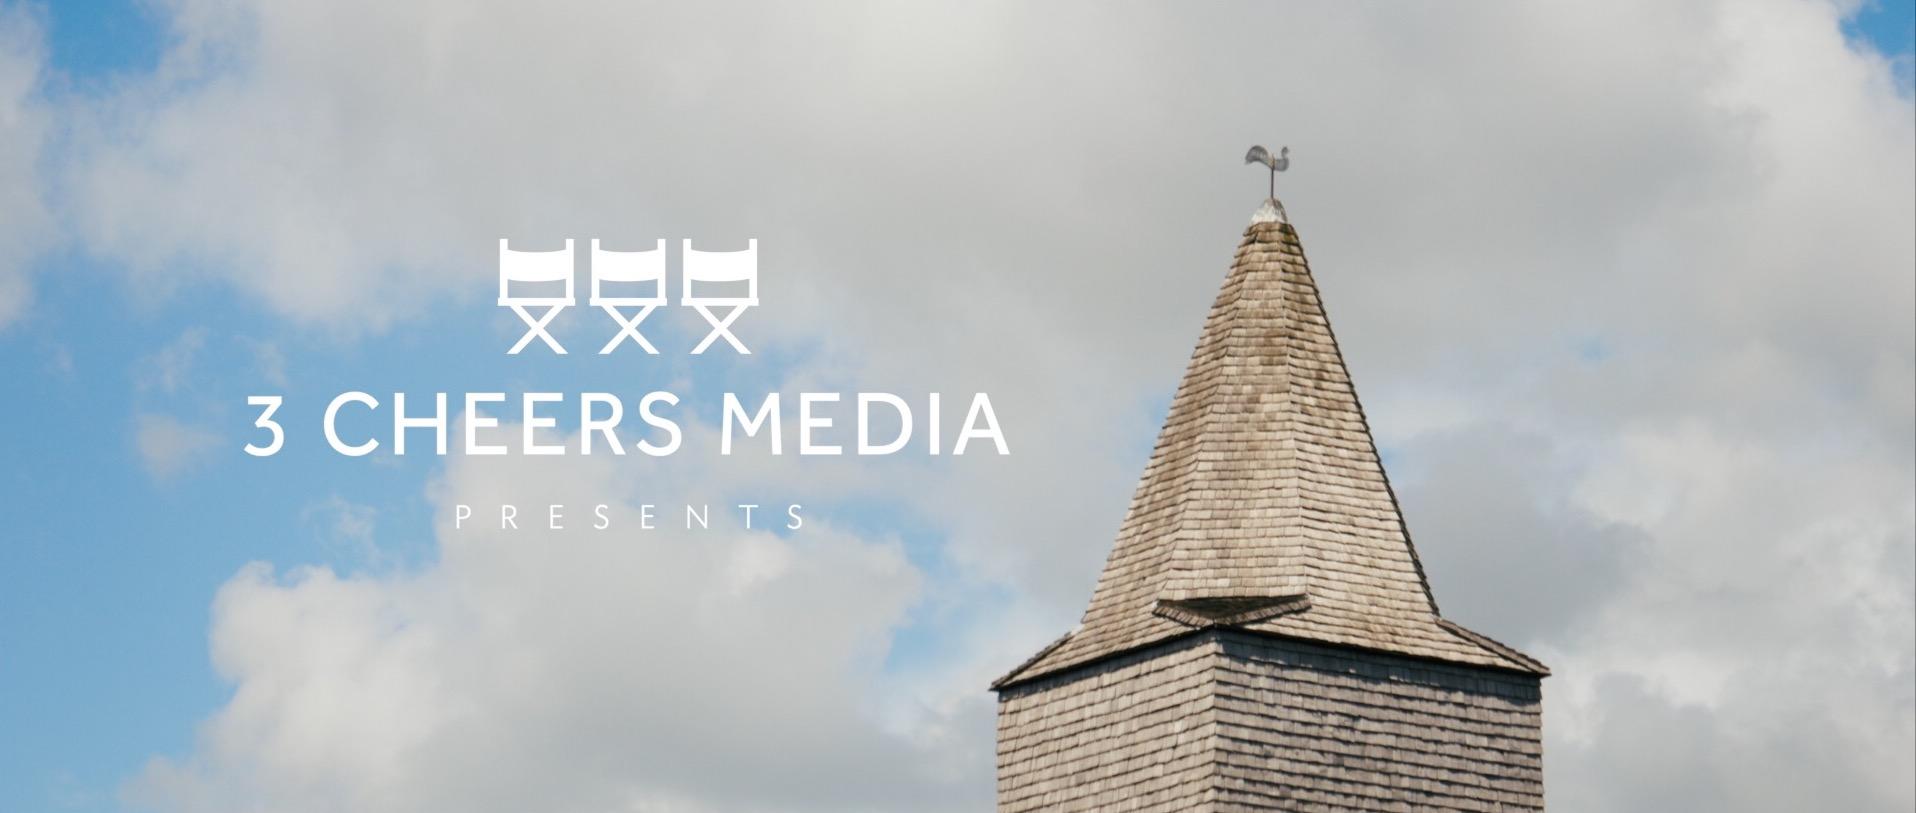 3 Cheers Media Wedding Videos.jpg